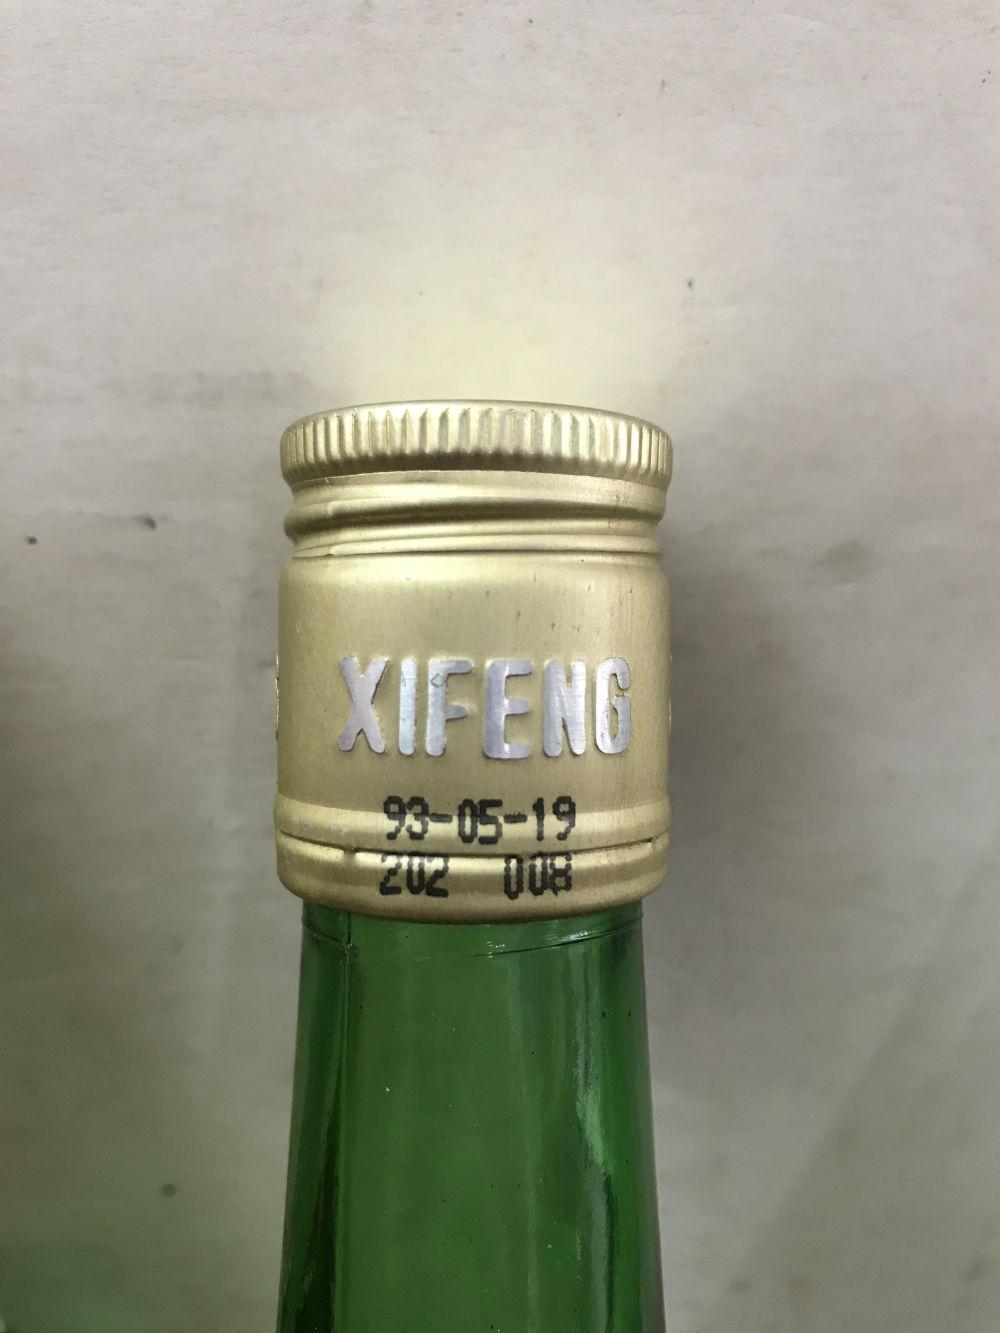 1993年 西凤酒一组 品相完美